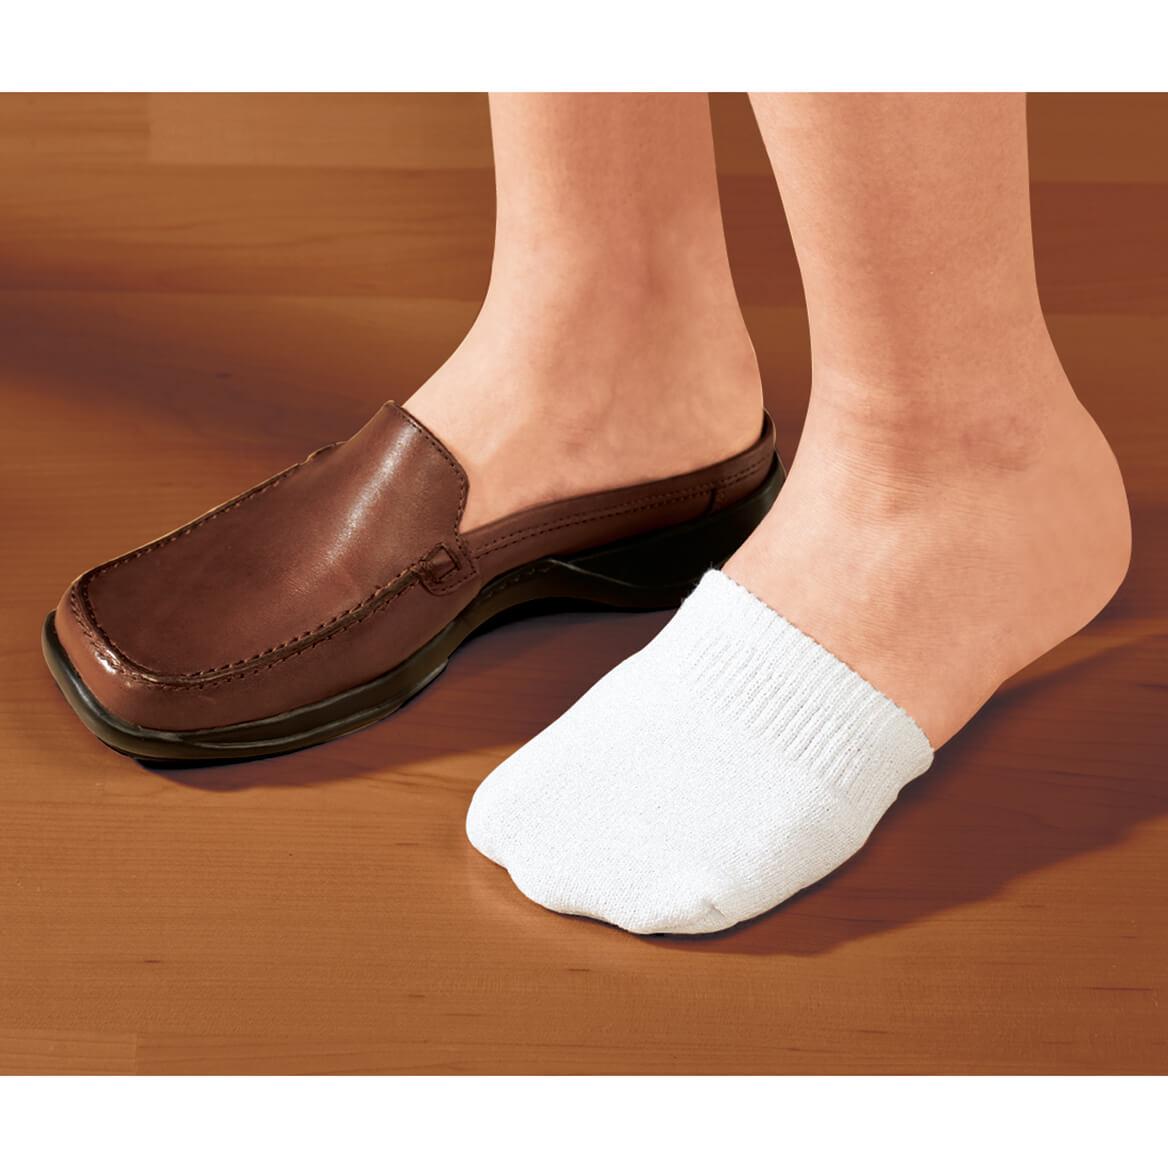 Toe Half Socks 2 Pair - White-311438